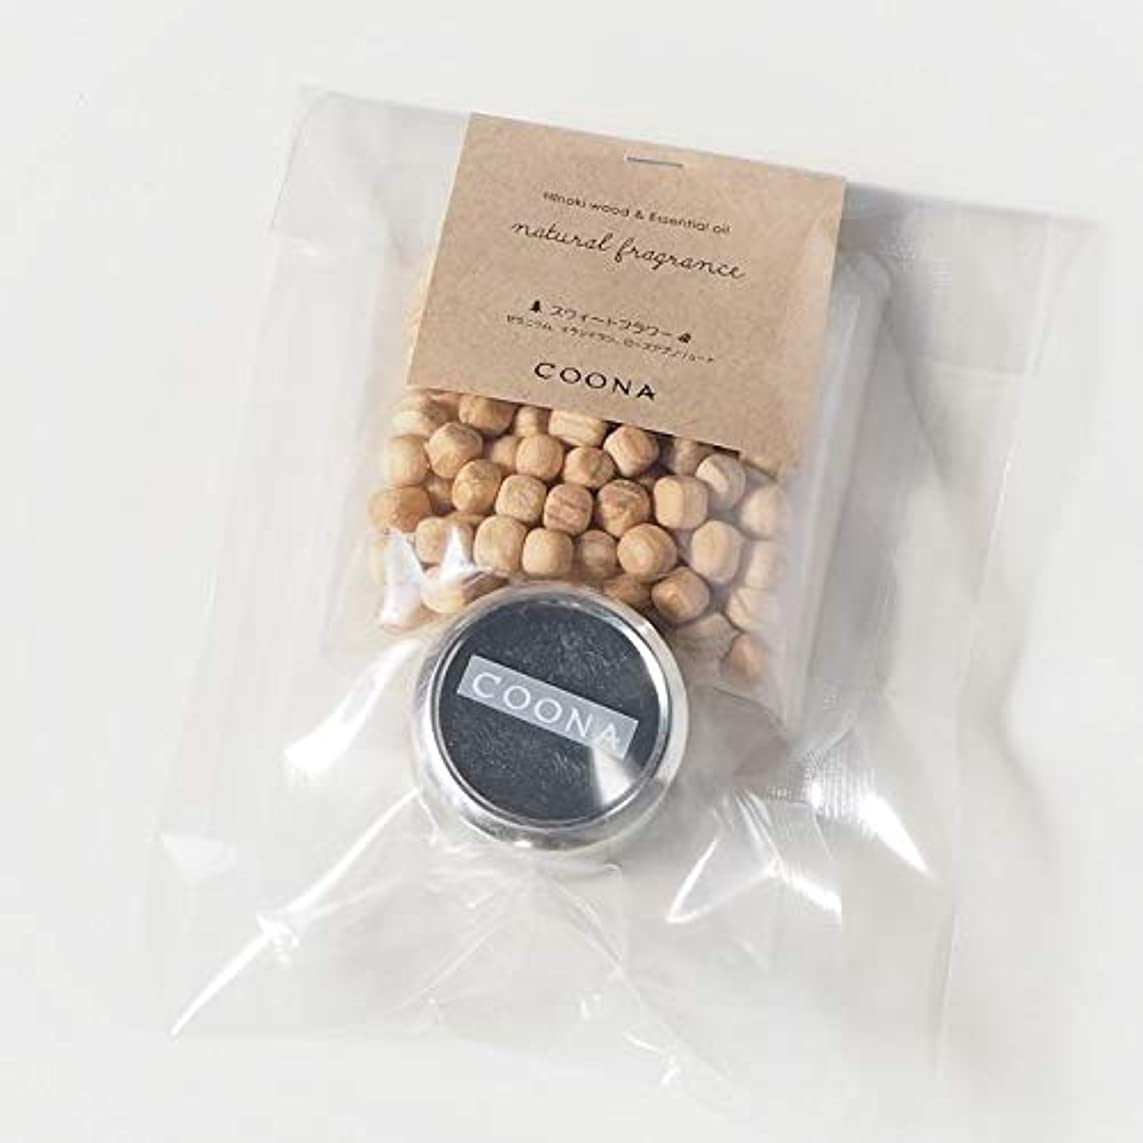 本炭素ガイドラインヒノキ ウッド& エッセンシャルオイル ナチュラルフレグランス (メタル缶付き, 樹の香り)